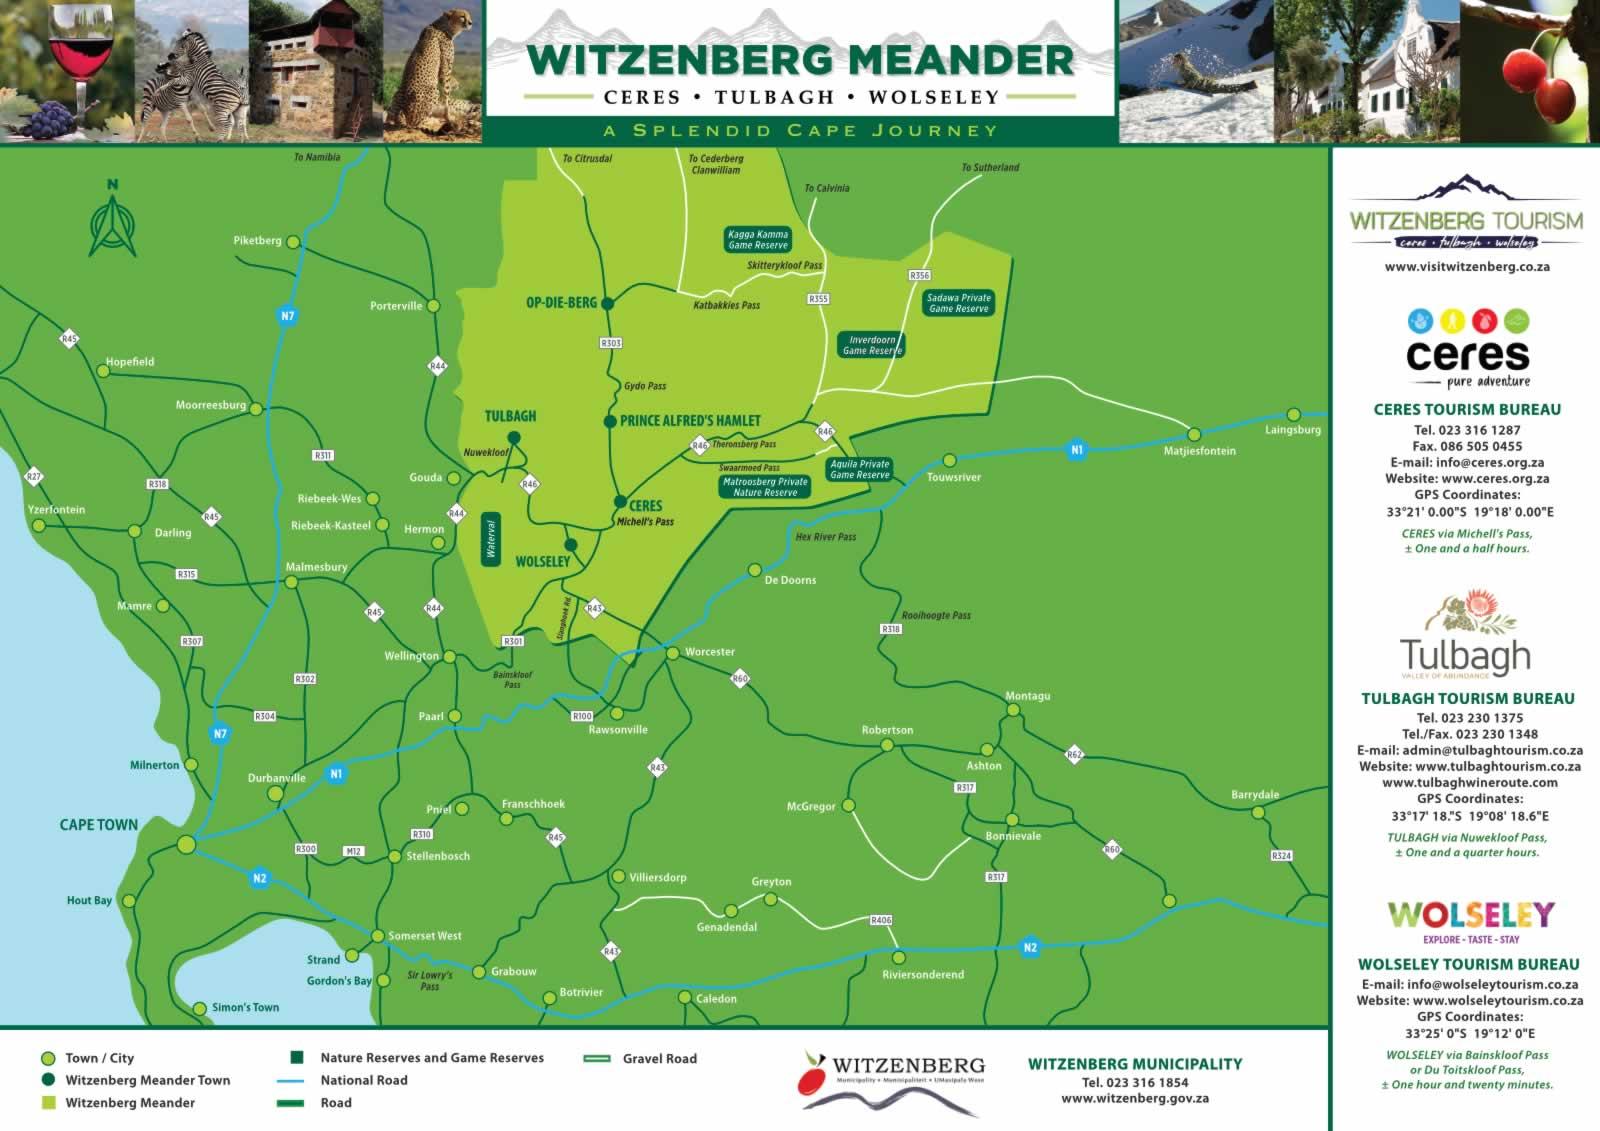 Witzenberg Menader 2019 Voorkant